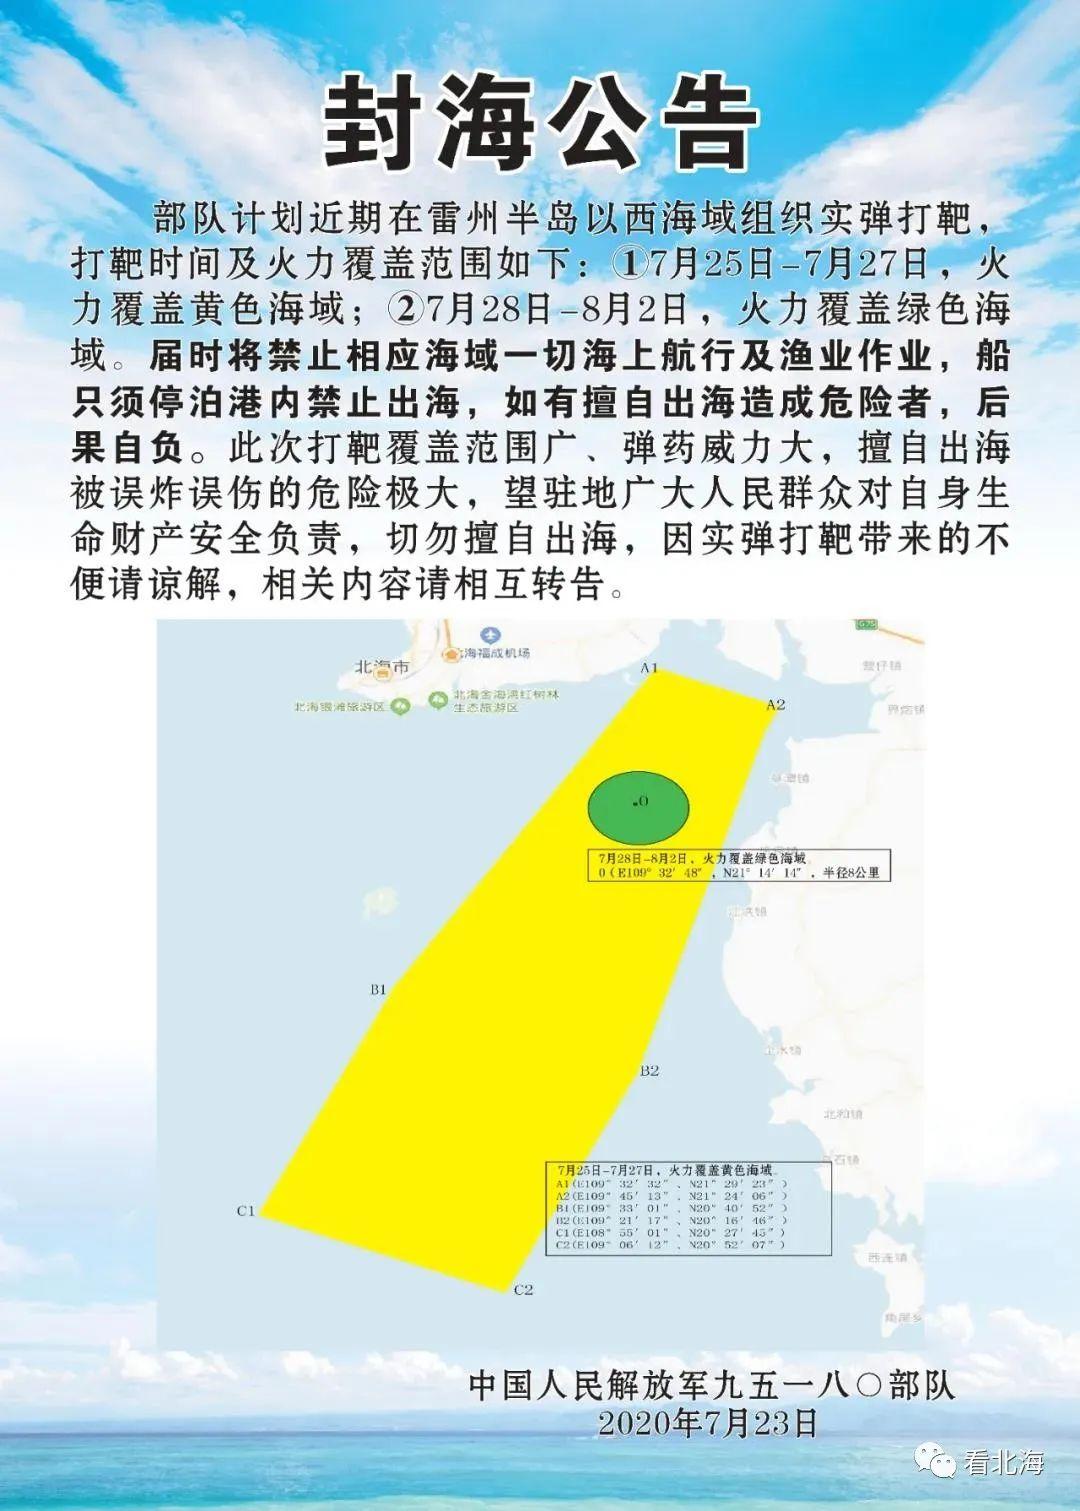 发布封海公告将在雷州杏悦半岛以,杏悦图片